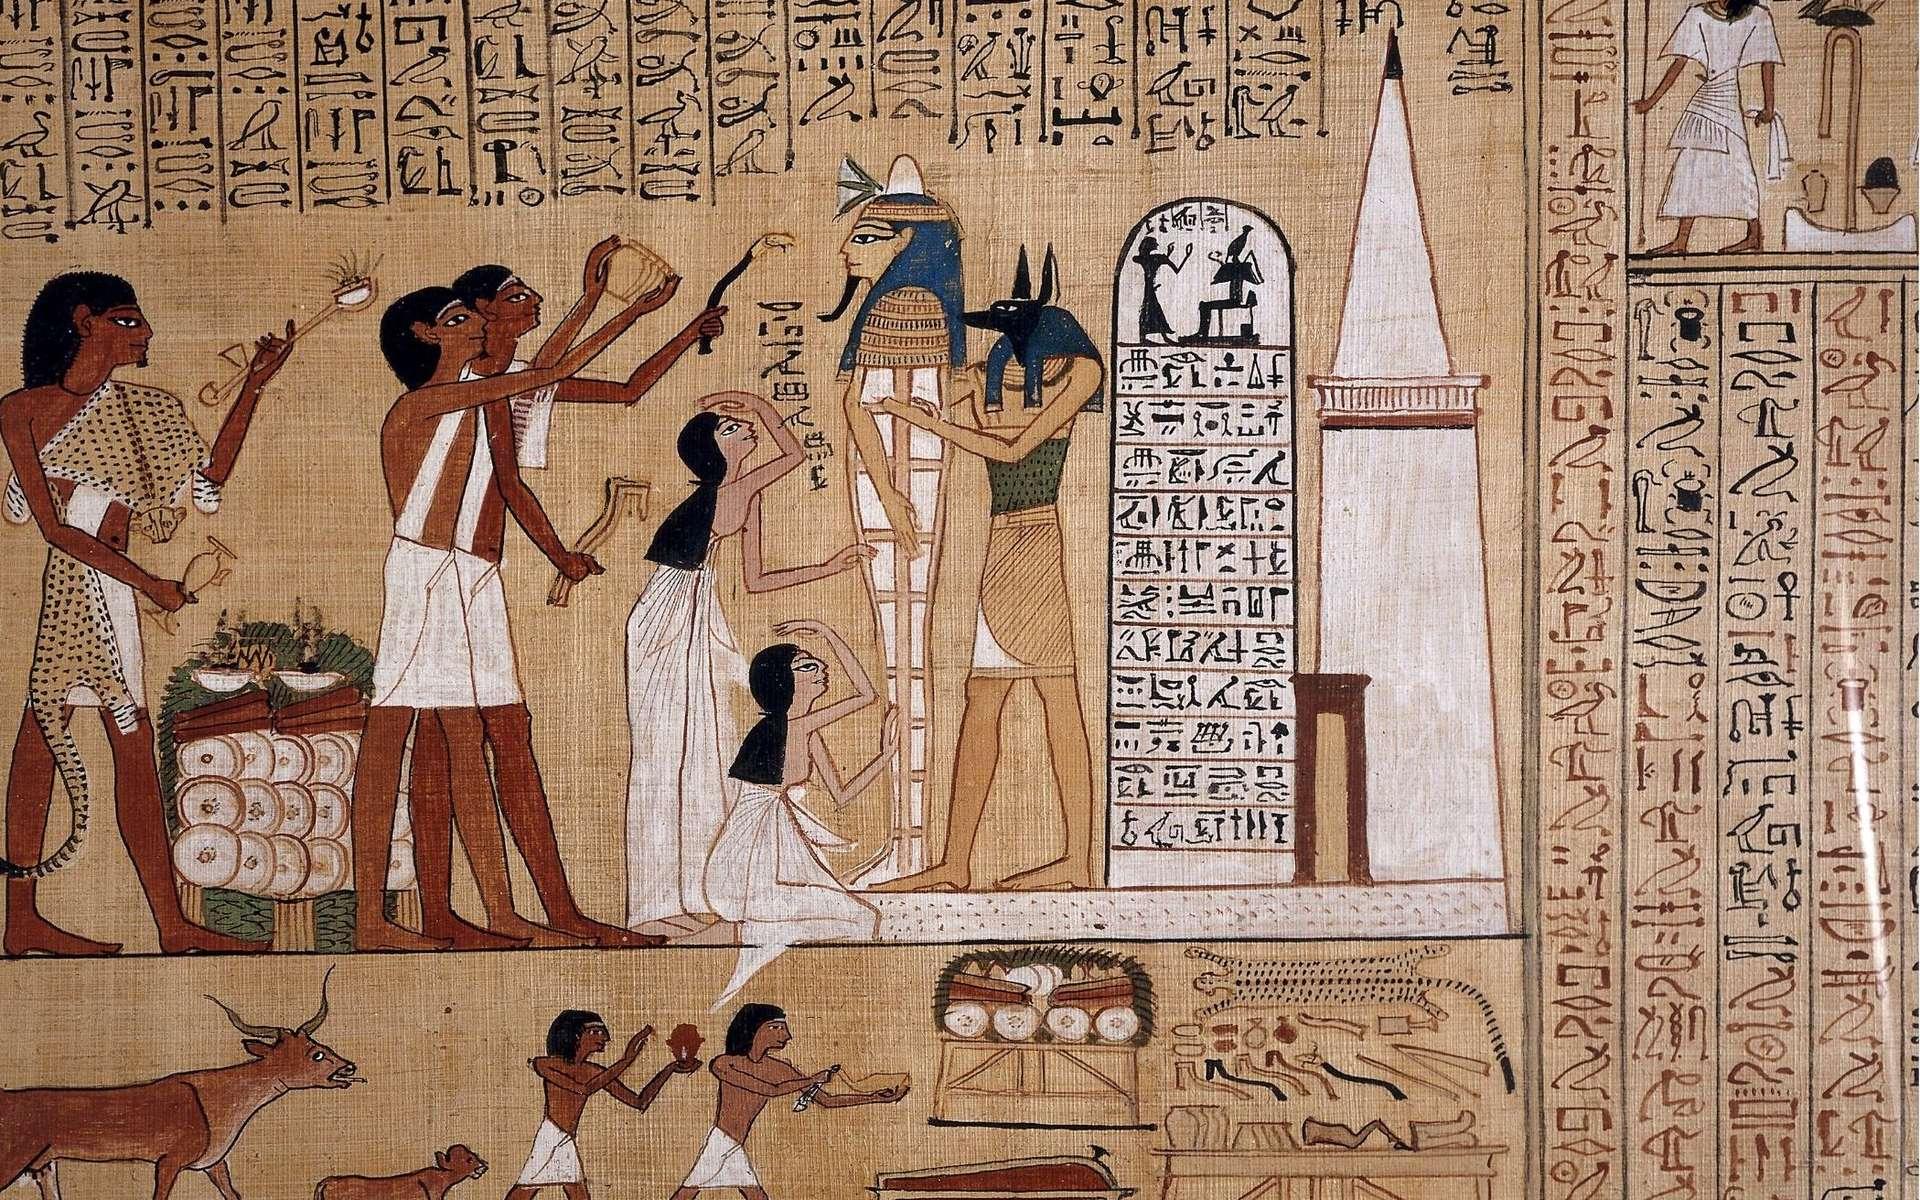 Les hiéroglyphes n'ont servi à composer des phrases, comme celle de ce papyrus, qu'à partir de l'époque du pharaon Djoser © DP, Wikipédia